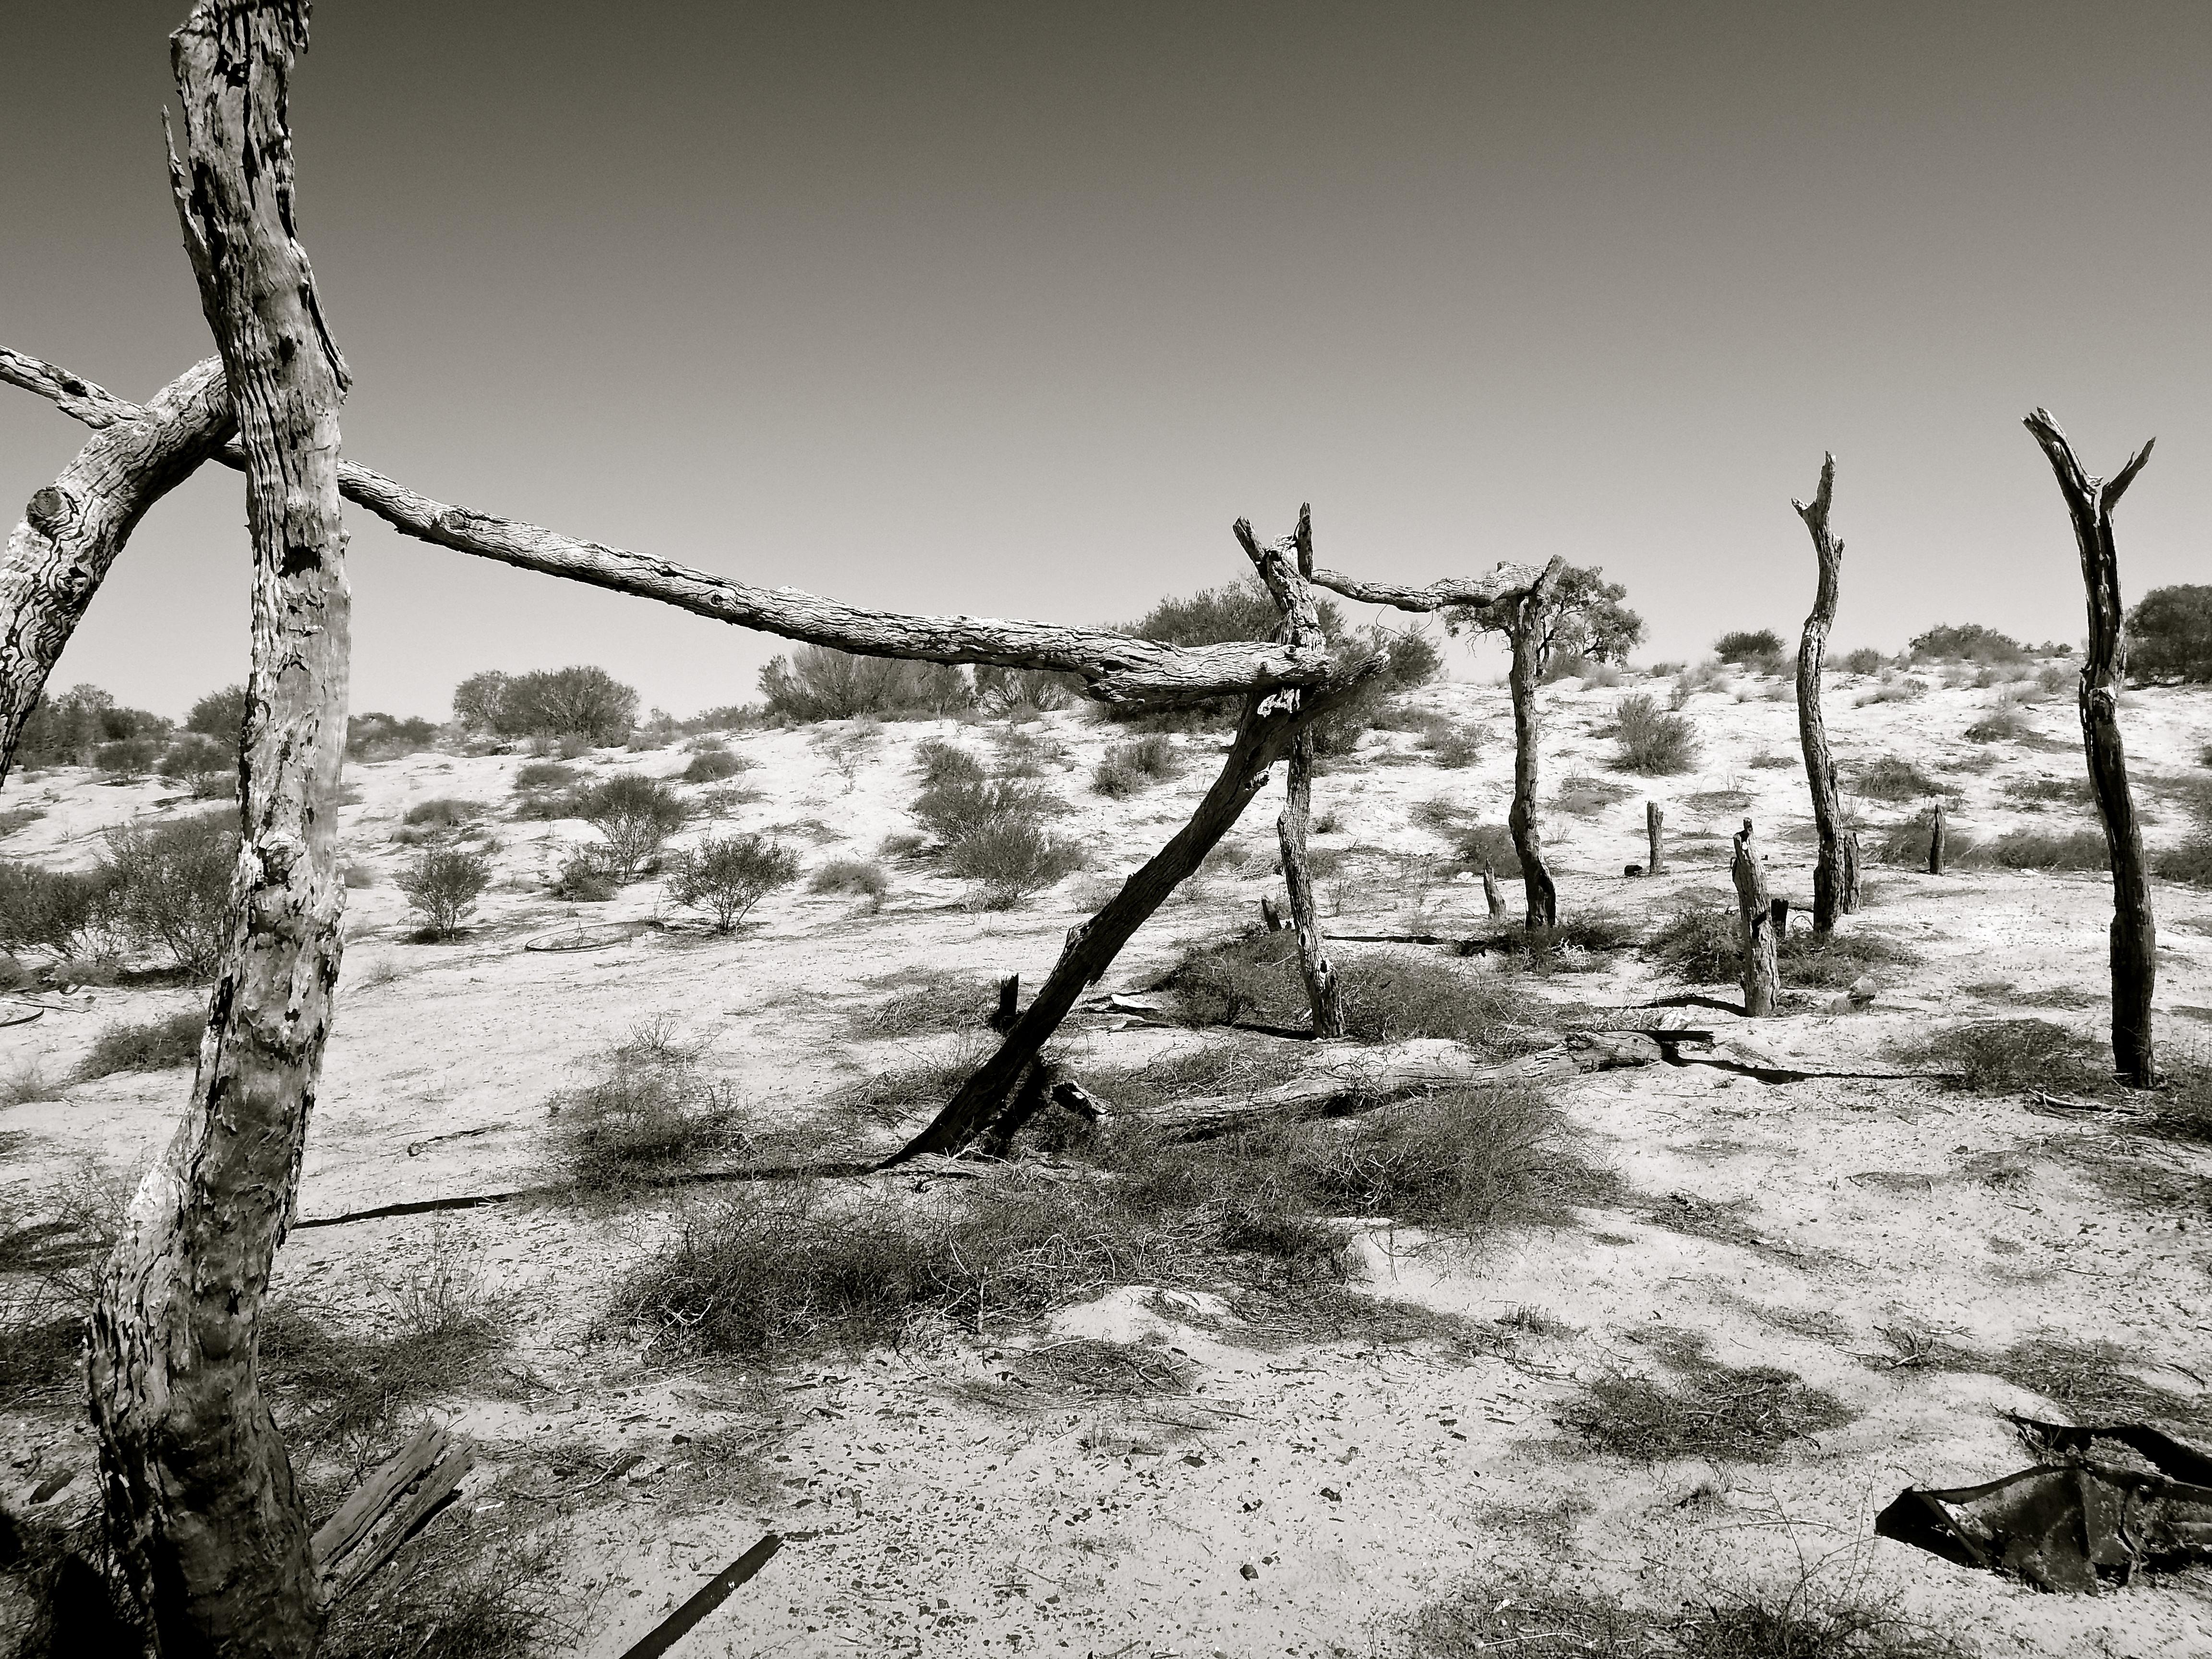 Remote (In Outback Australia)